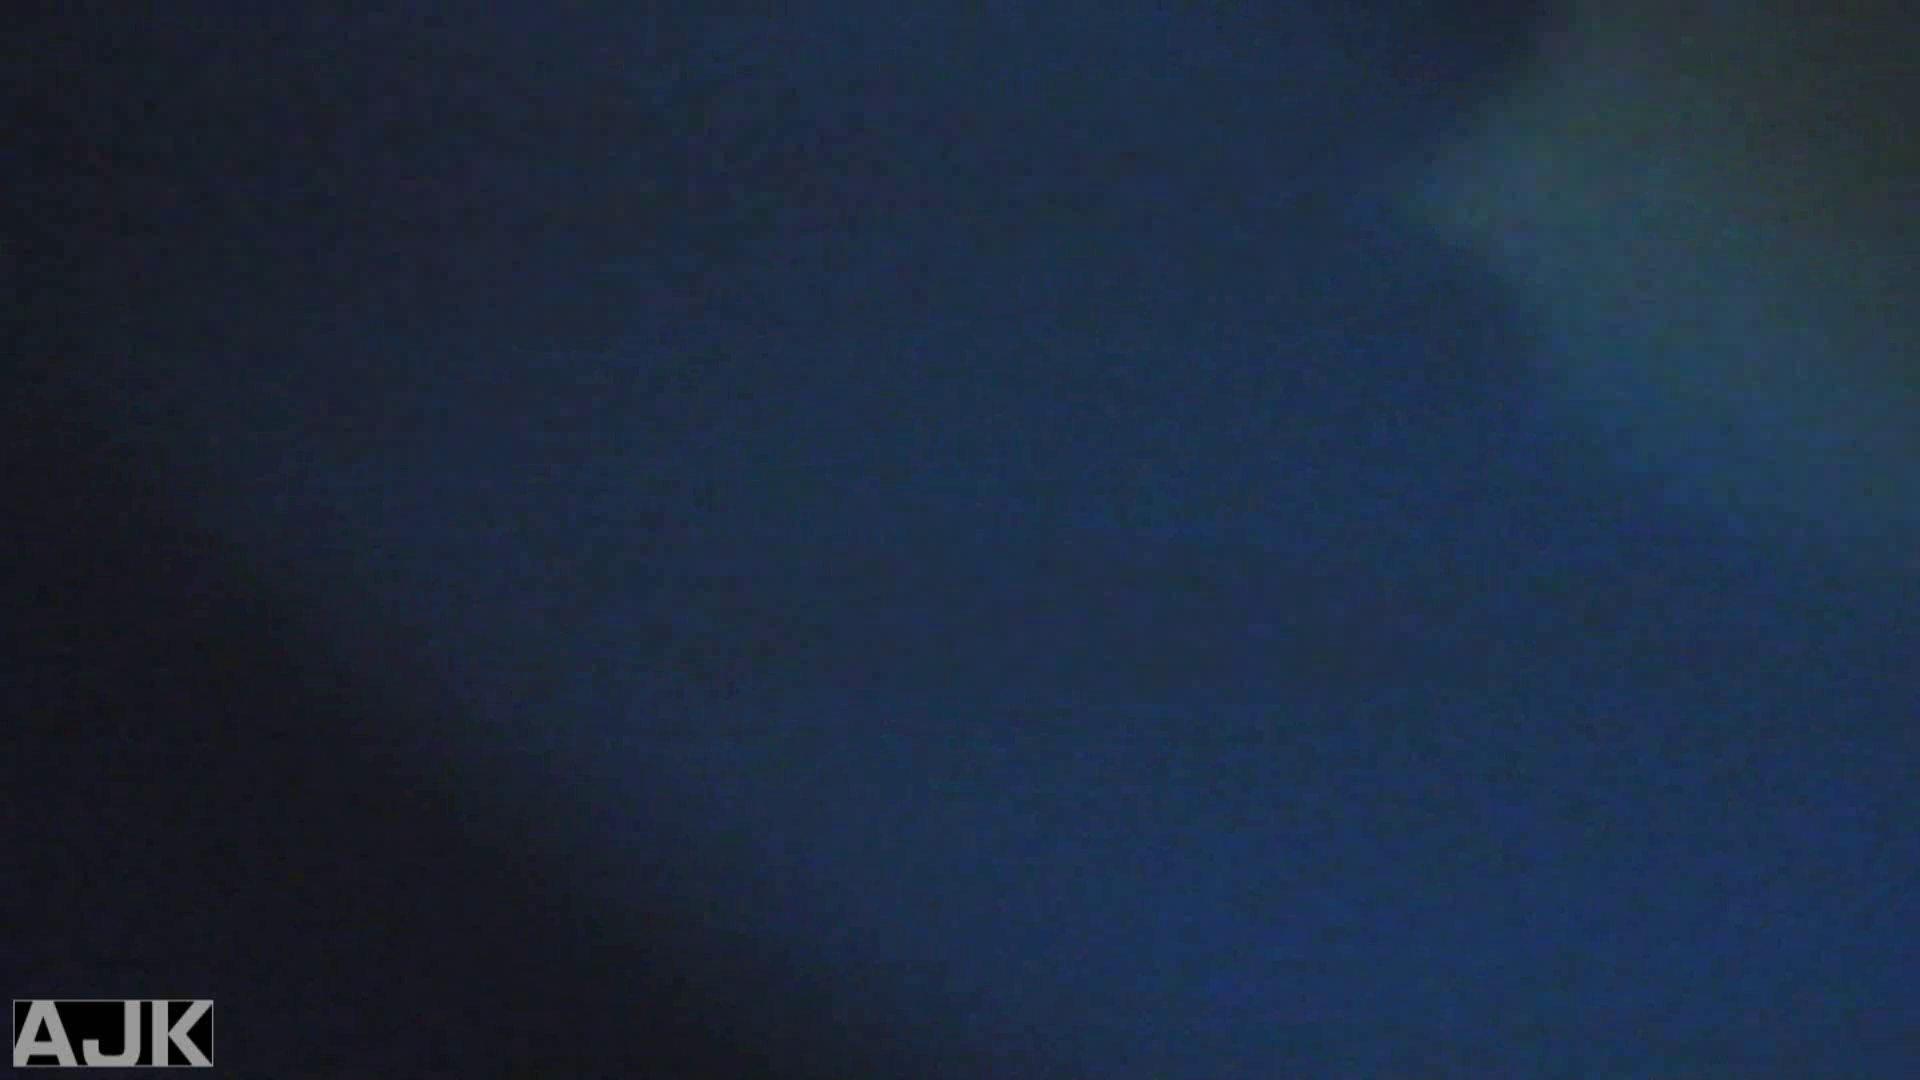 神降臨!史上最強の潜入かわや! vol.23 潜入  78PICs 35